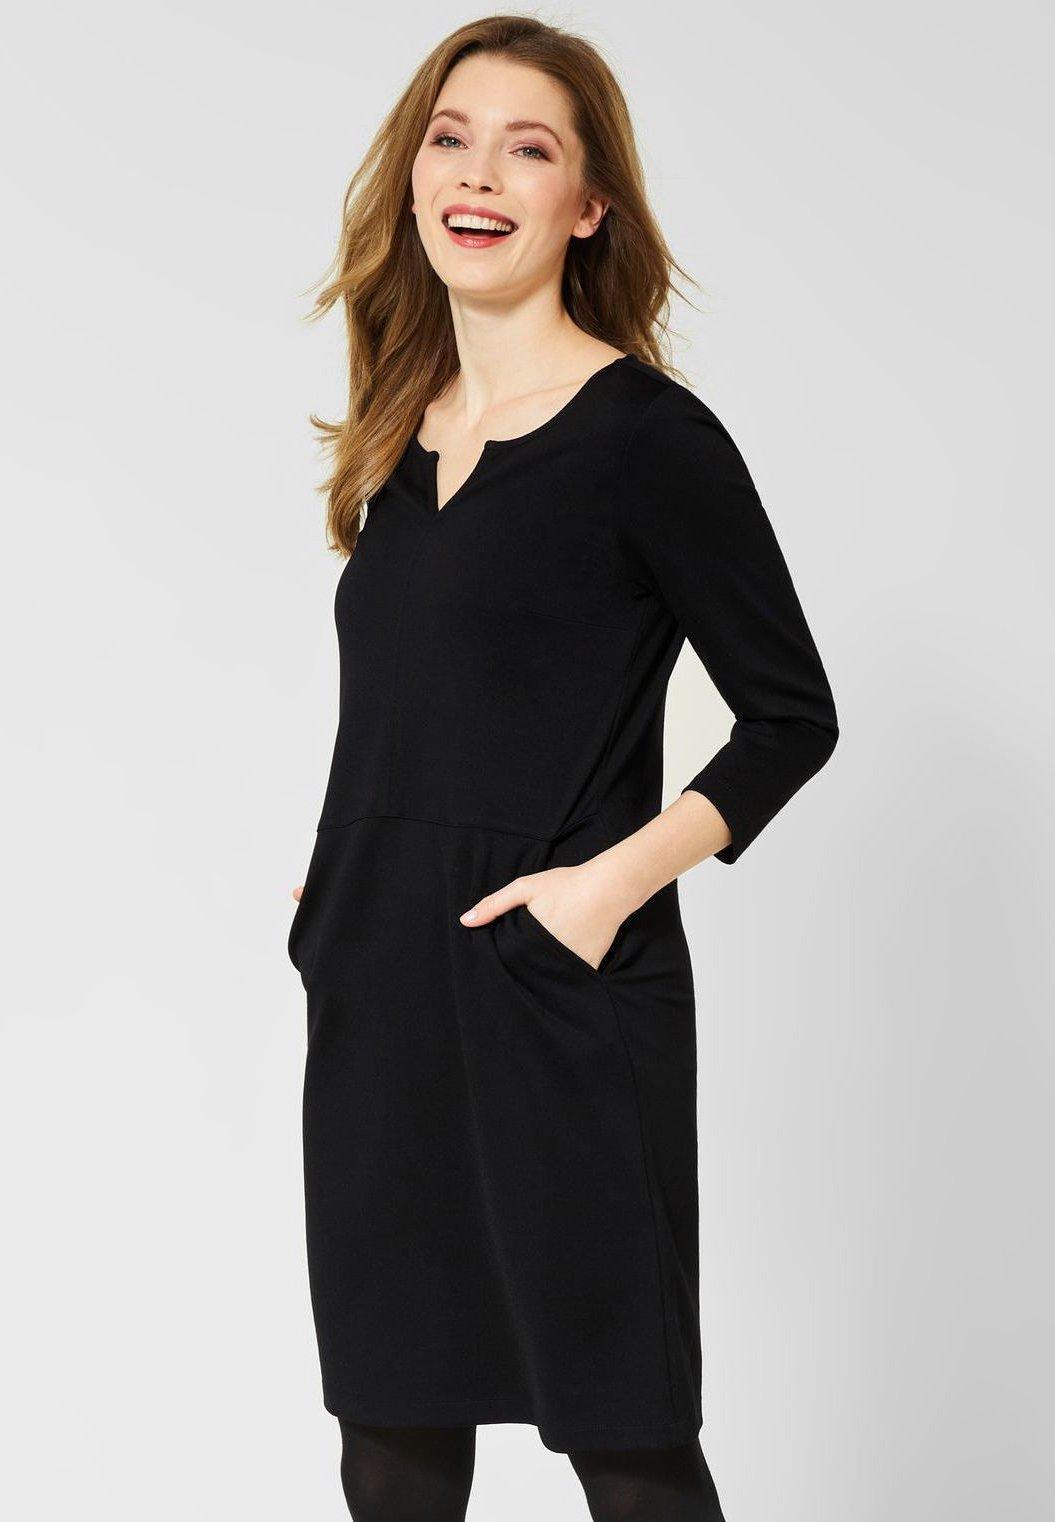 cecil mit taschen - jerseykleid - black/schwarz - zalando.de